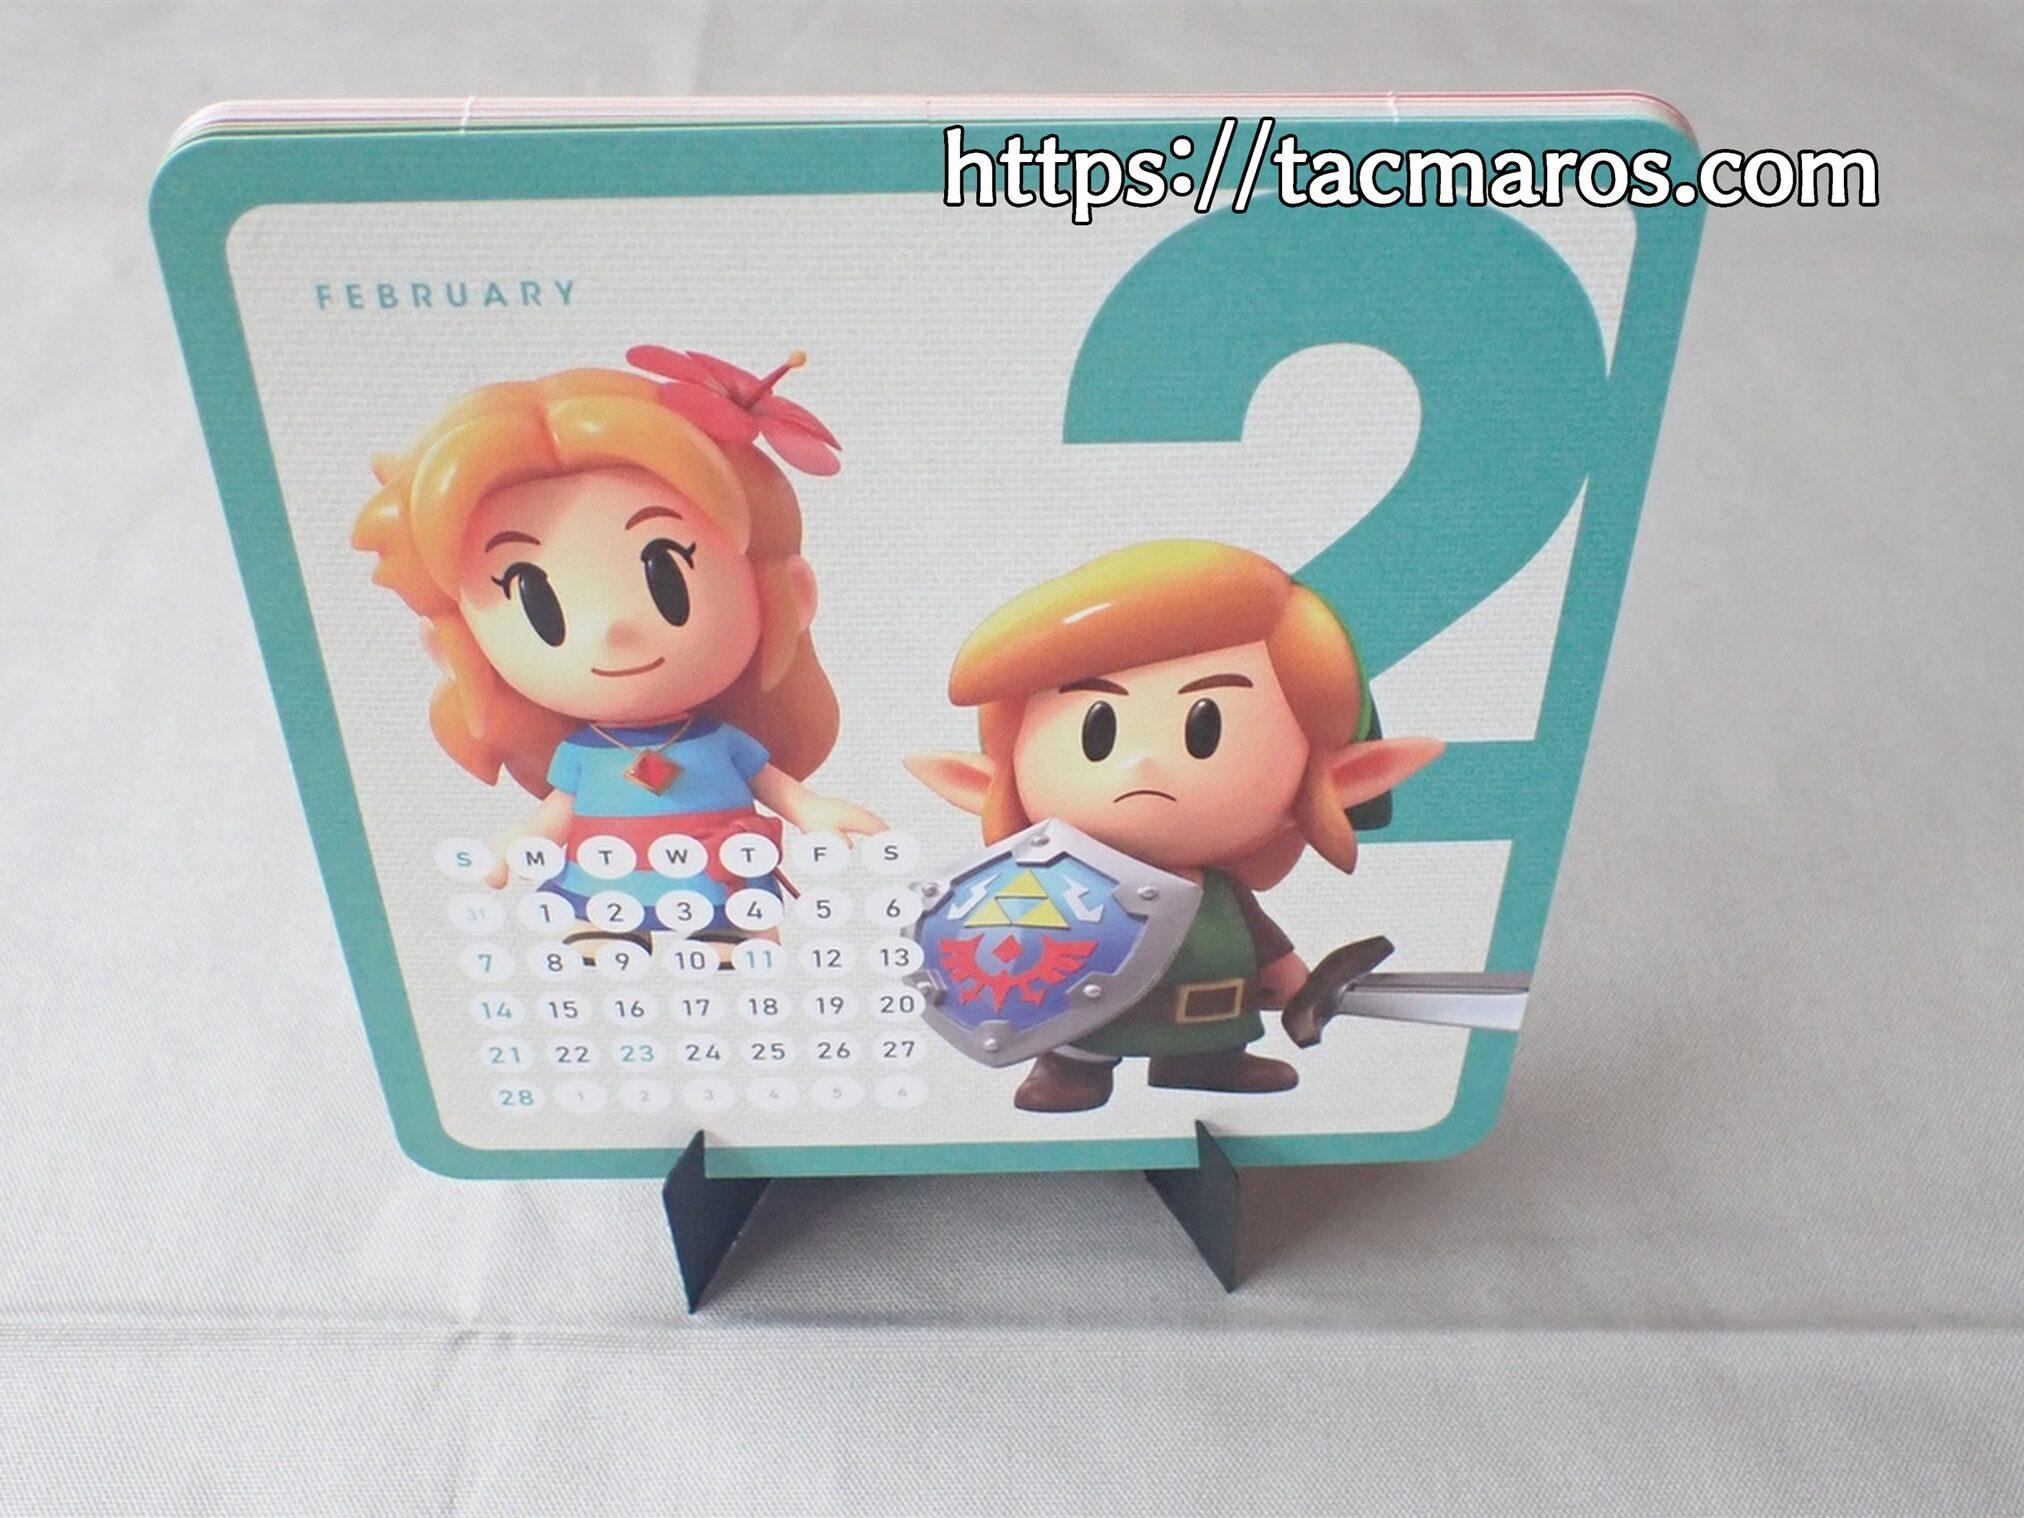 My Nintendo マイニンテンドーオリジナルカレンダー2021 台座にセットした使用風景写真